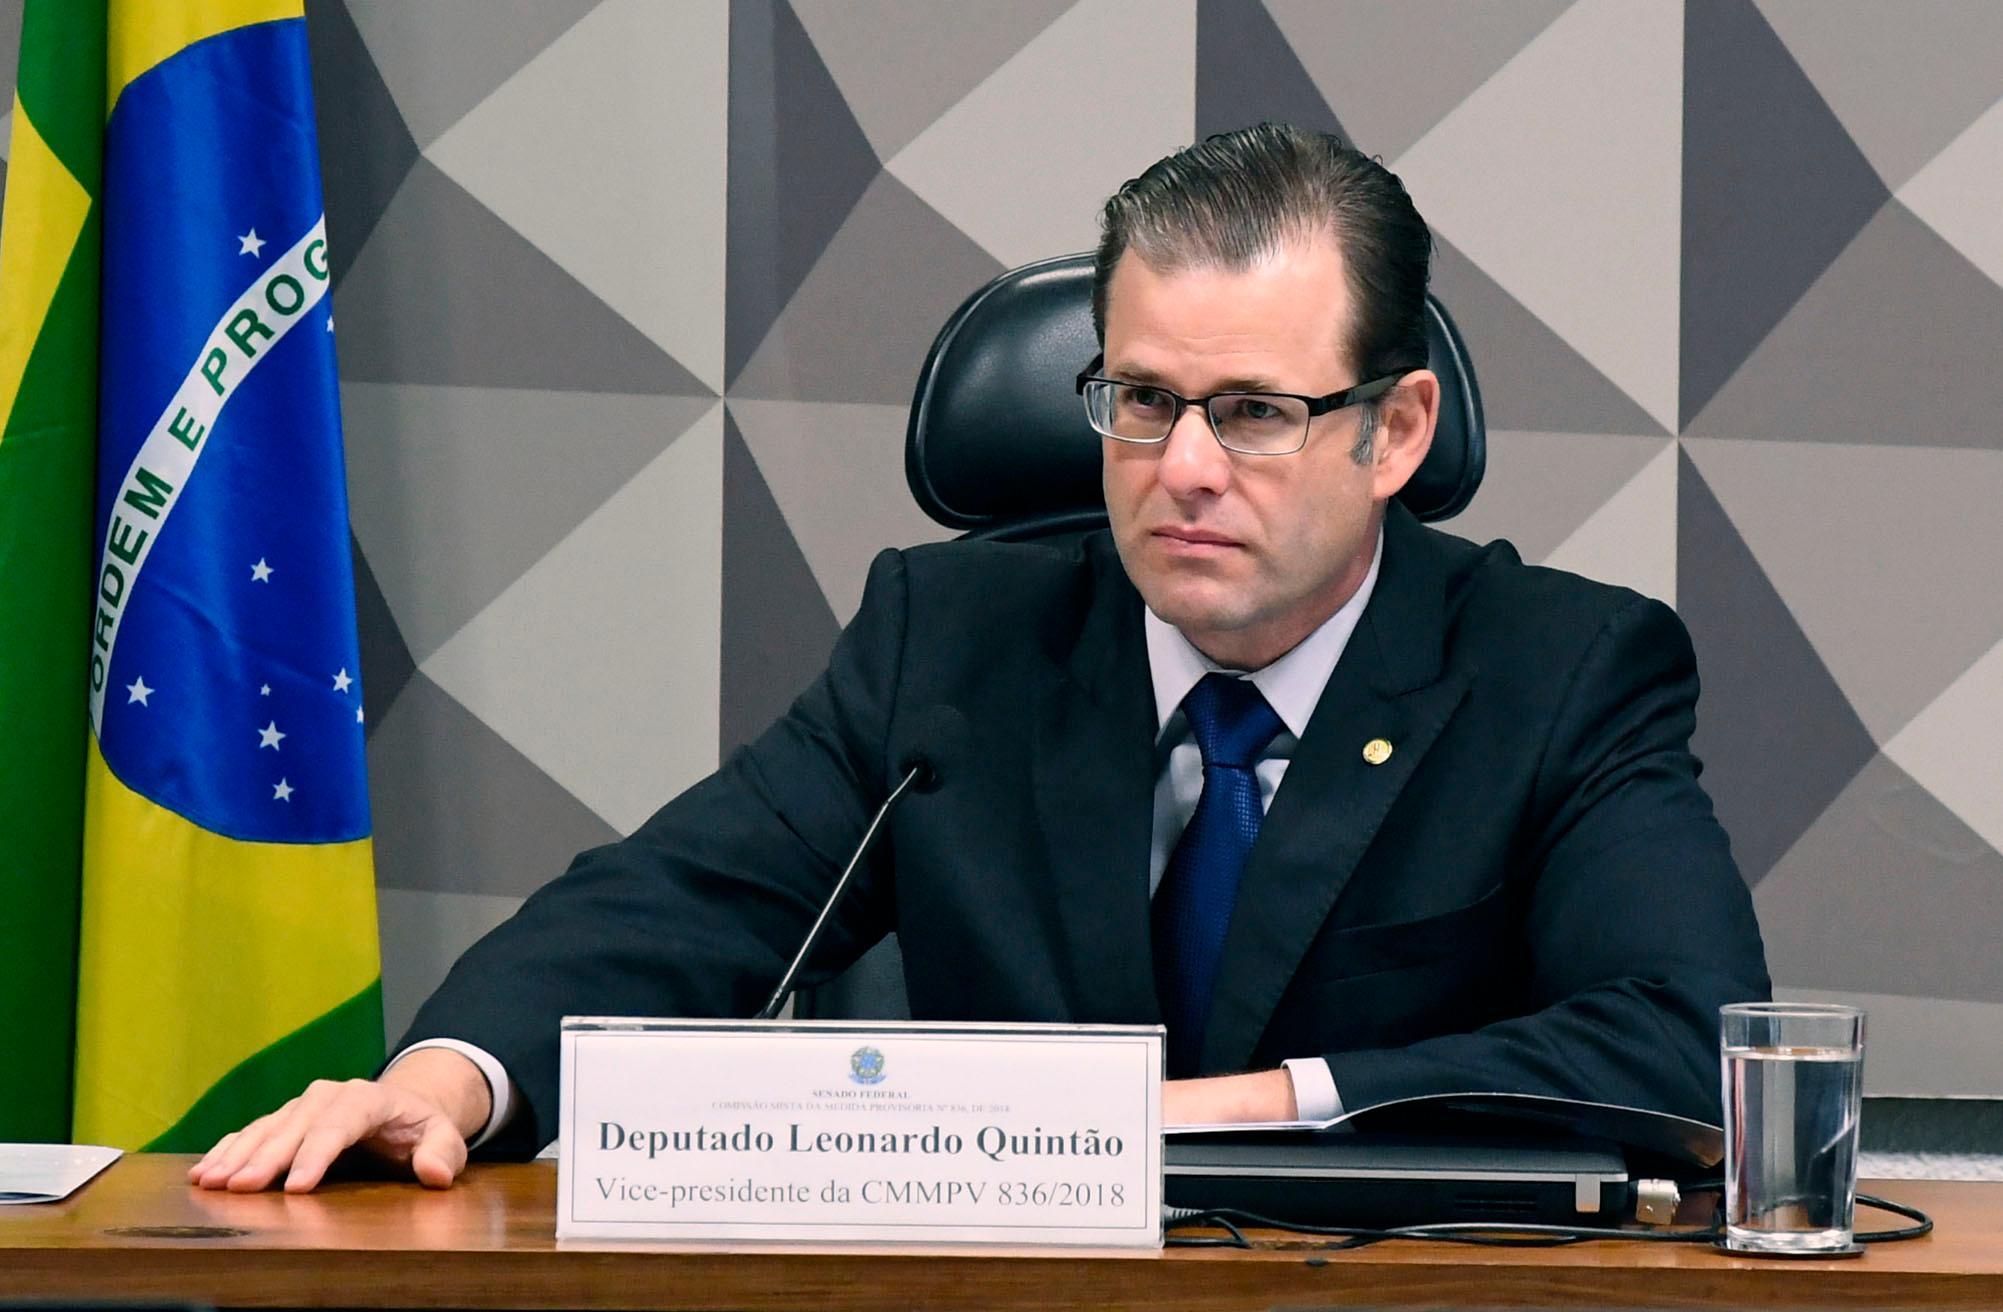 Leonardo Quintão: projeto de lei redigido com ajuda de advogado de mineradoras. Foto: Vinicius Loures/Câmara dos Deputados